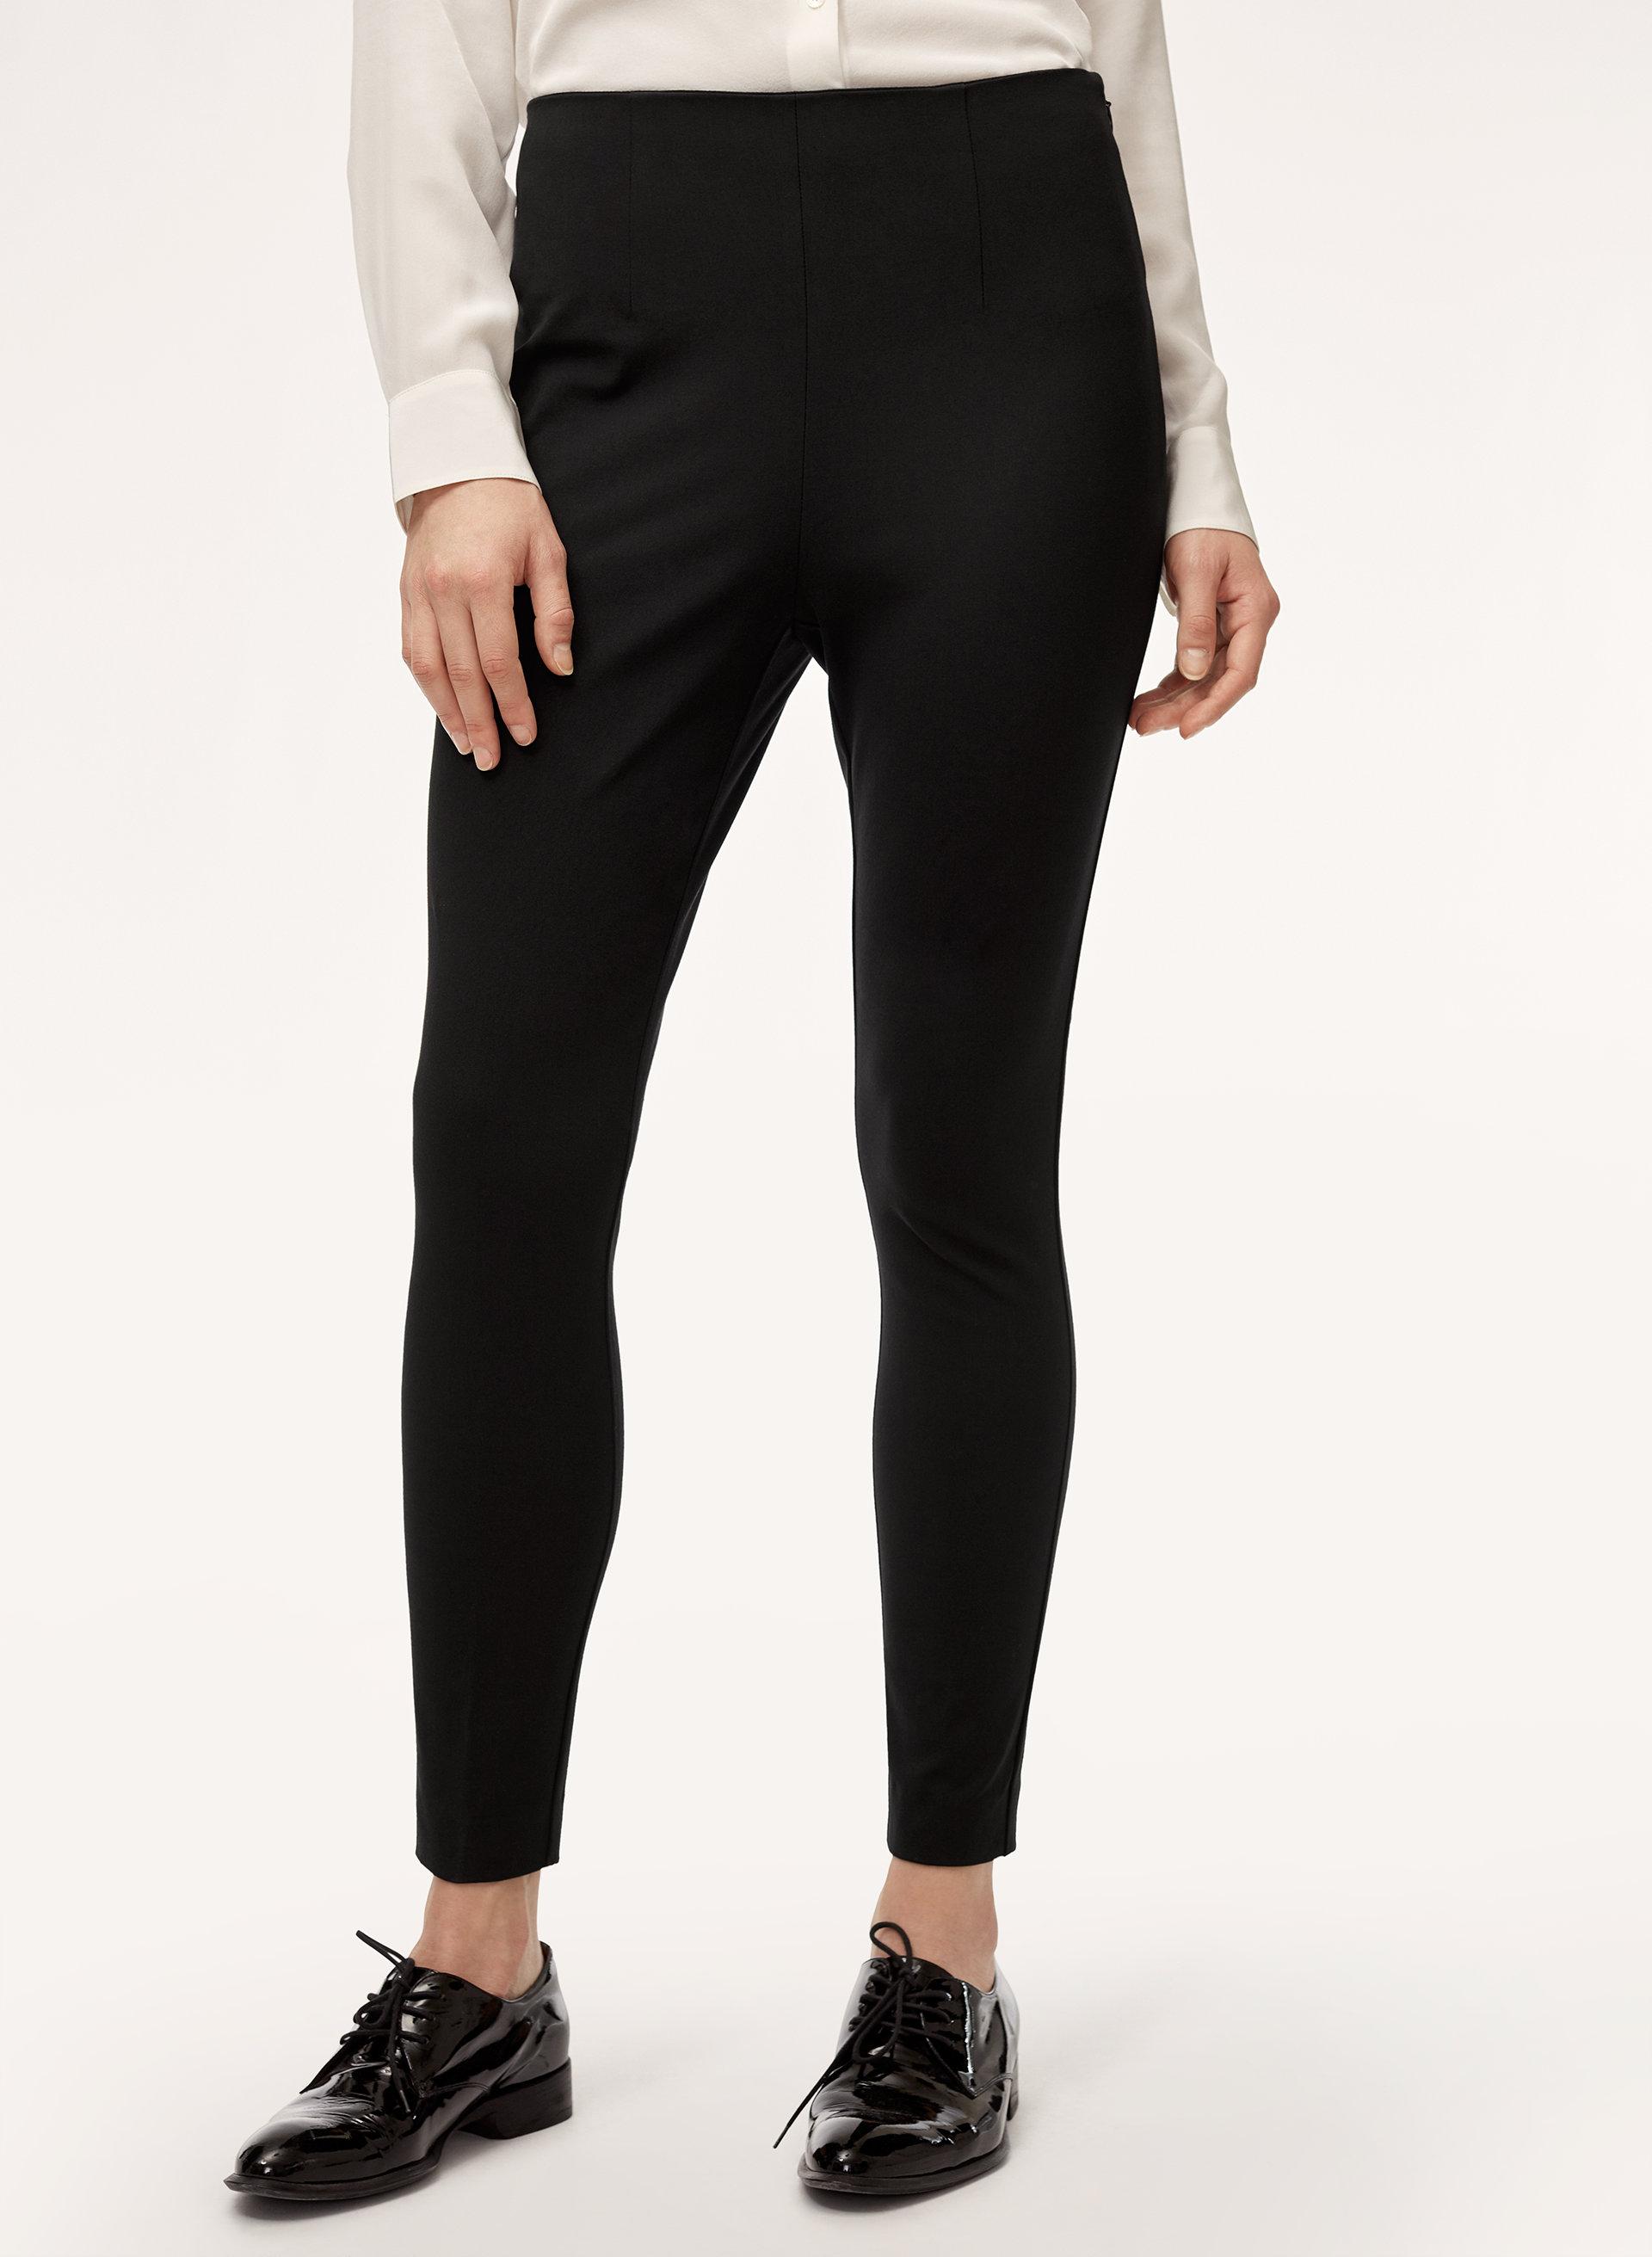 566573b0e00590 JOSH PANT - Mid-rise legging pant